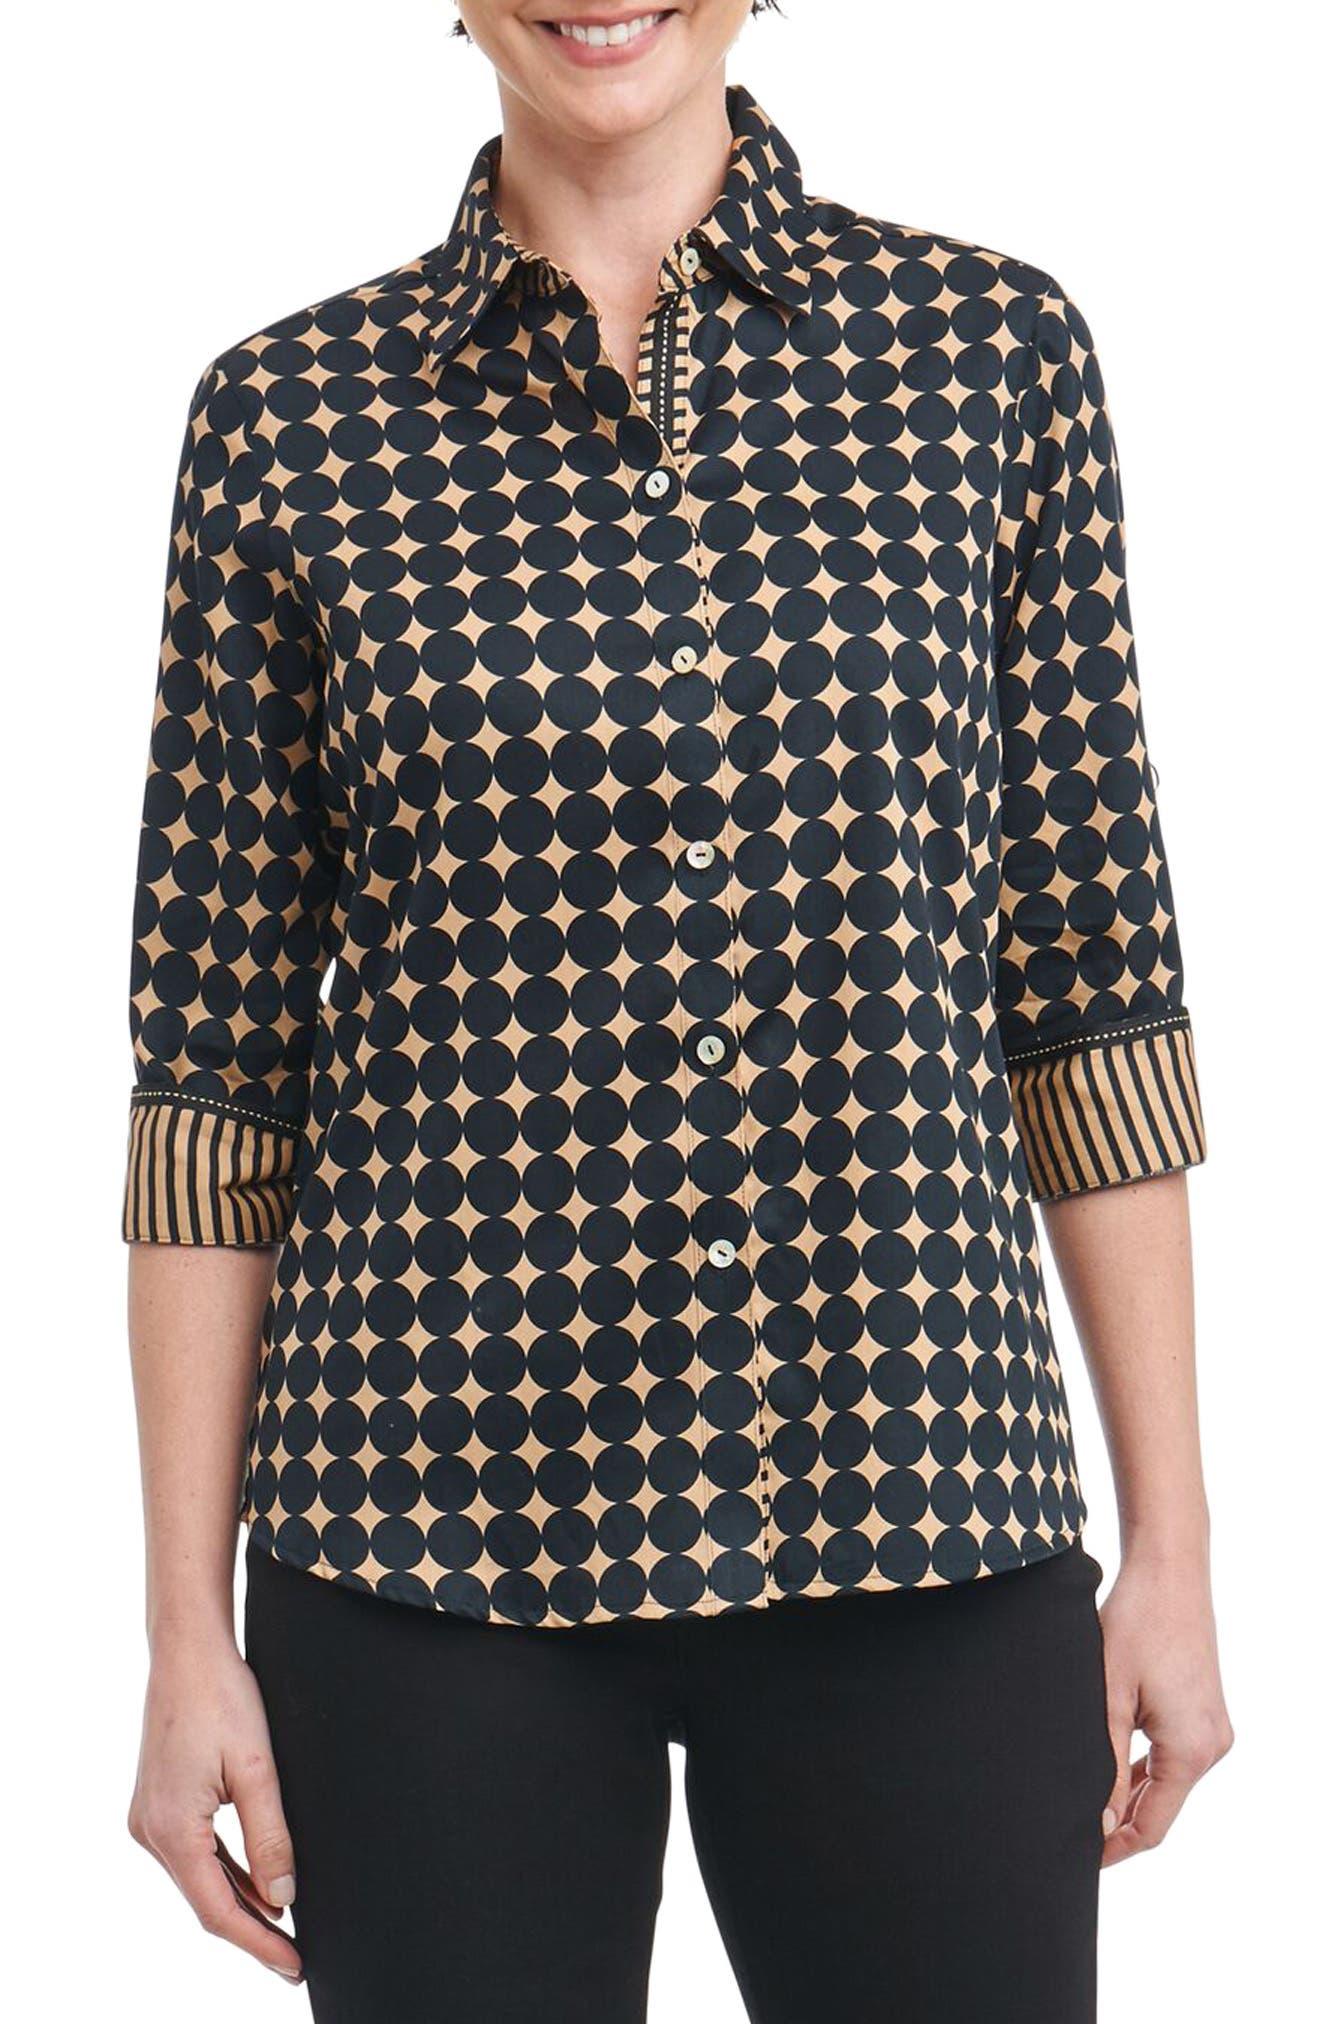 Ava Non-Iron Dot Print Cotton Shirt,                         Main,                         color, 013